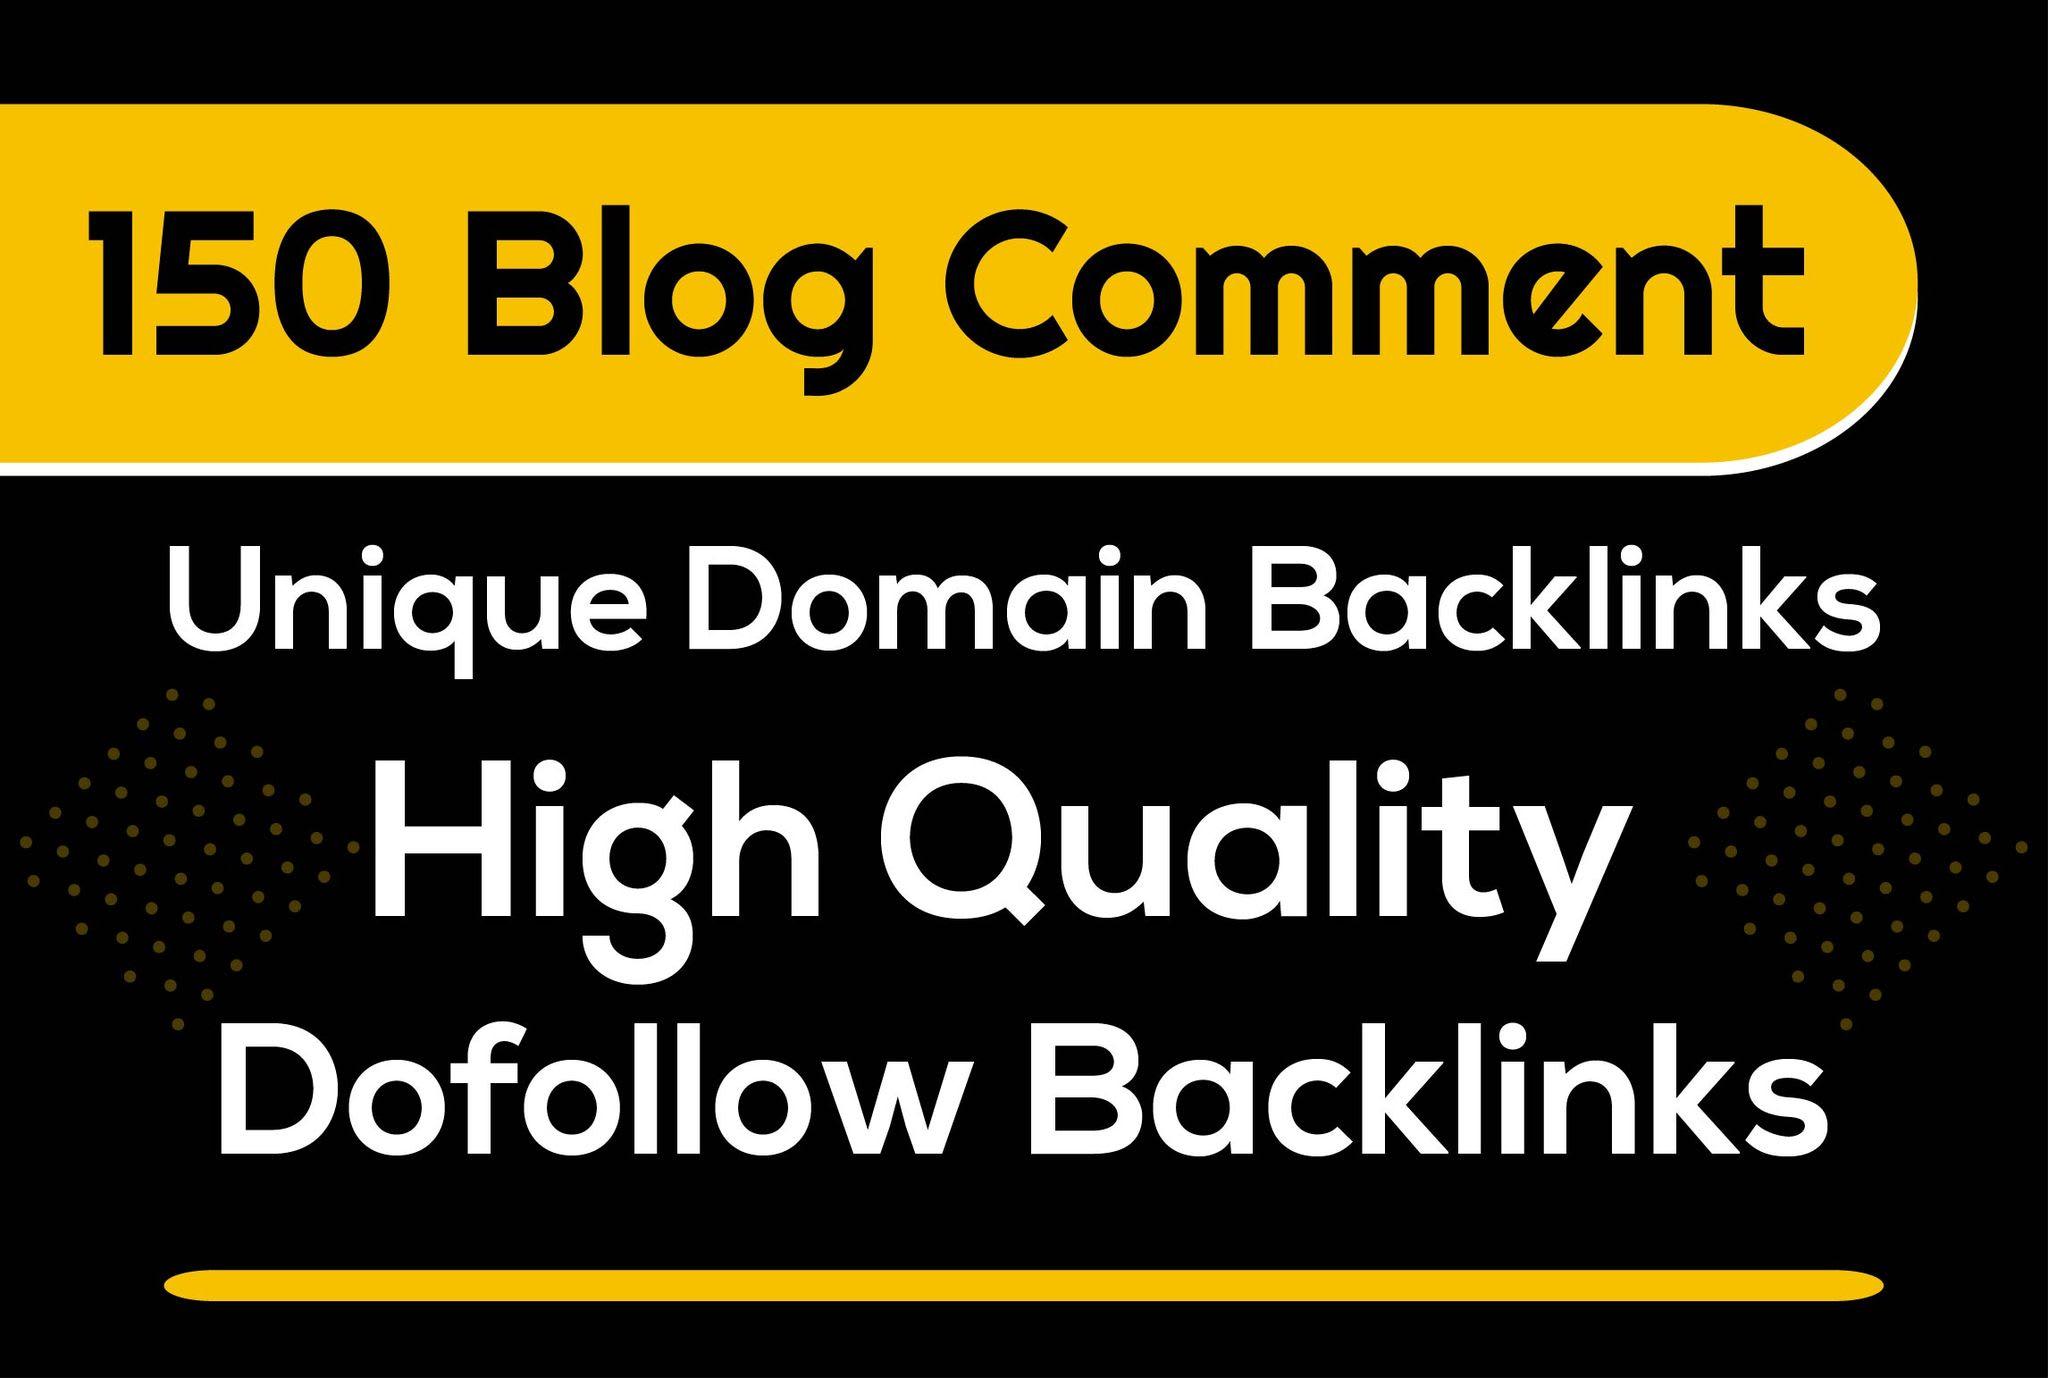 150 unique domain low obl blog comment dofollow backlinks